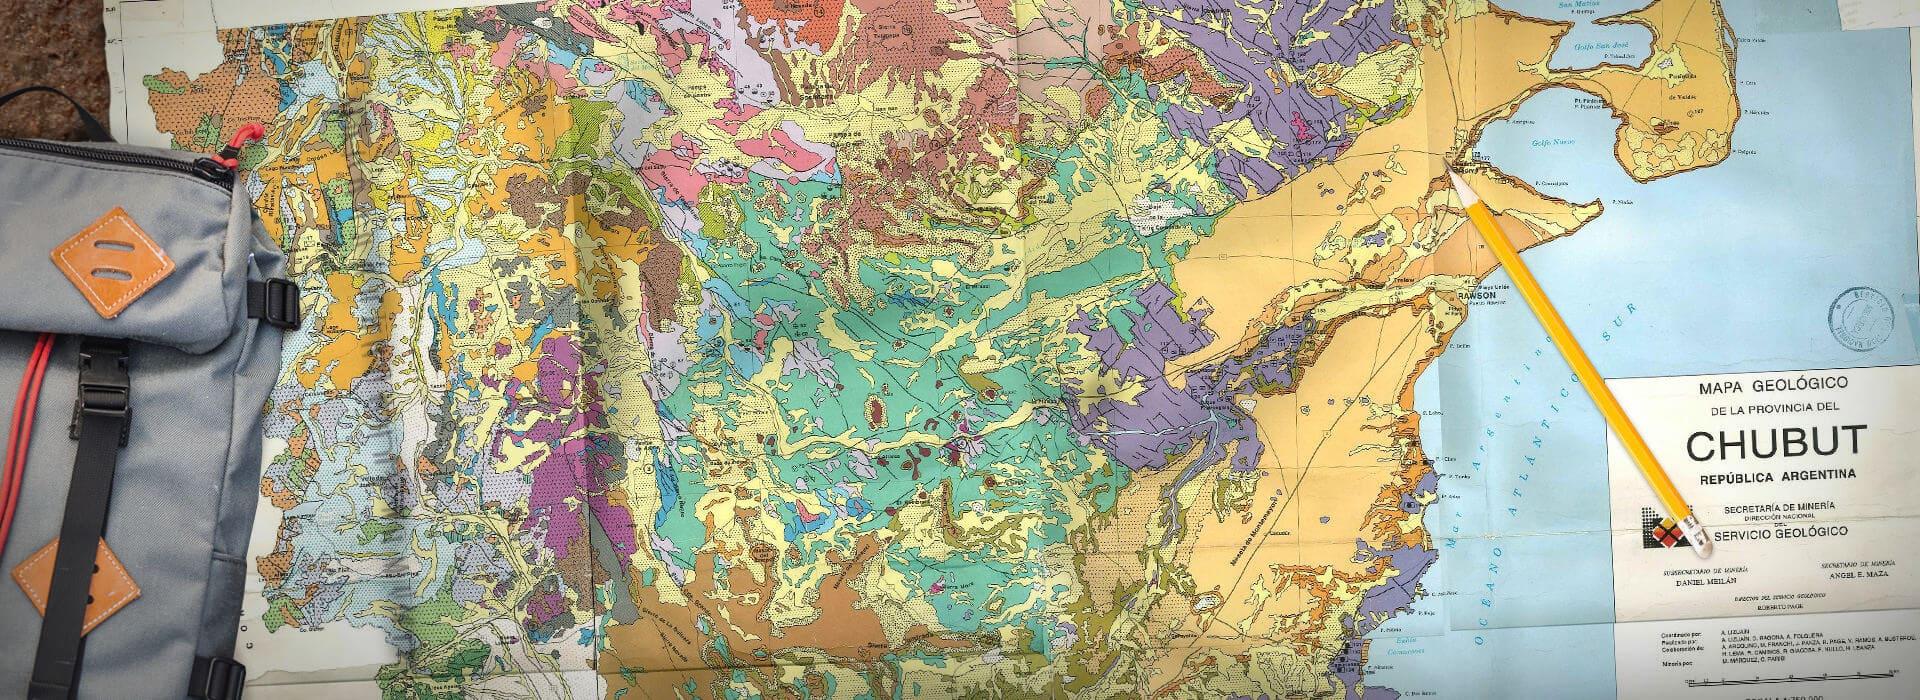 Chubut map